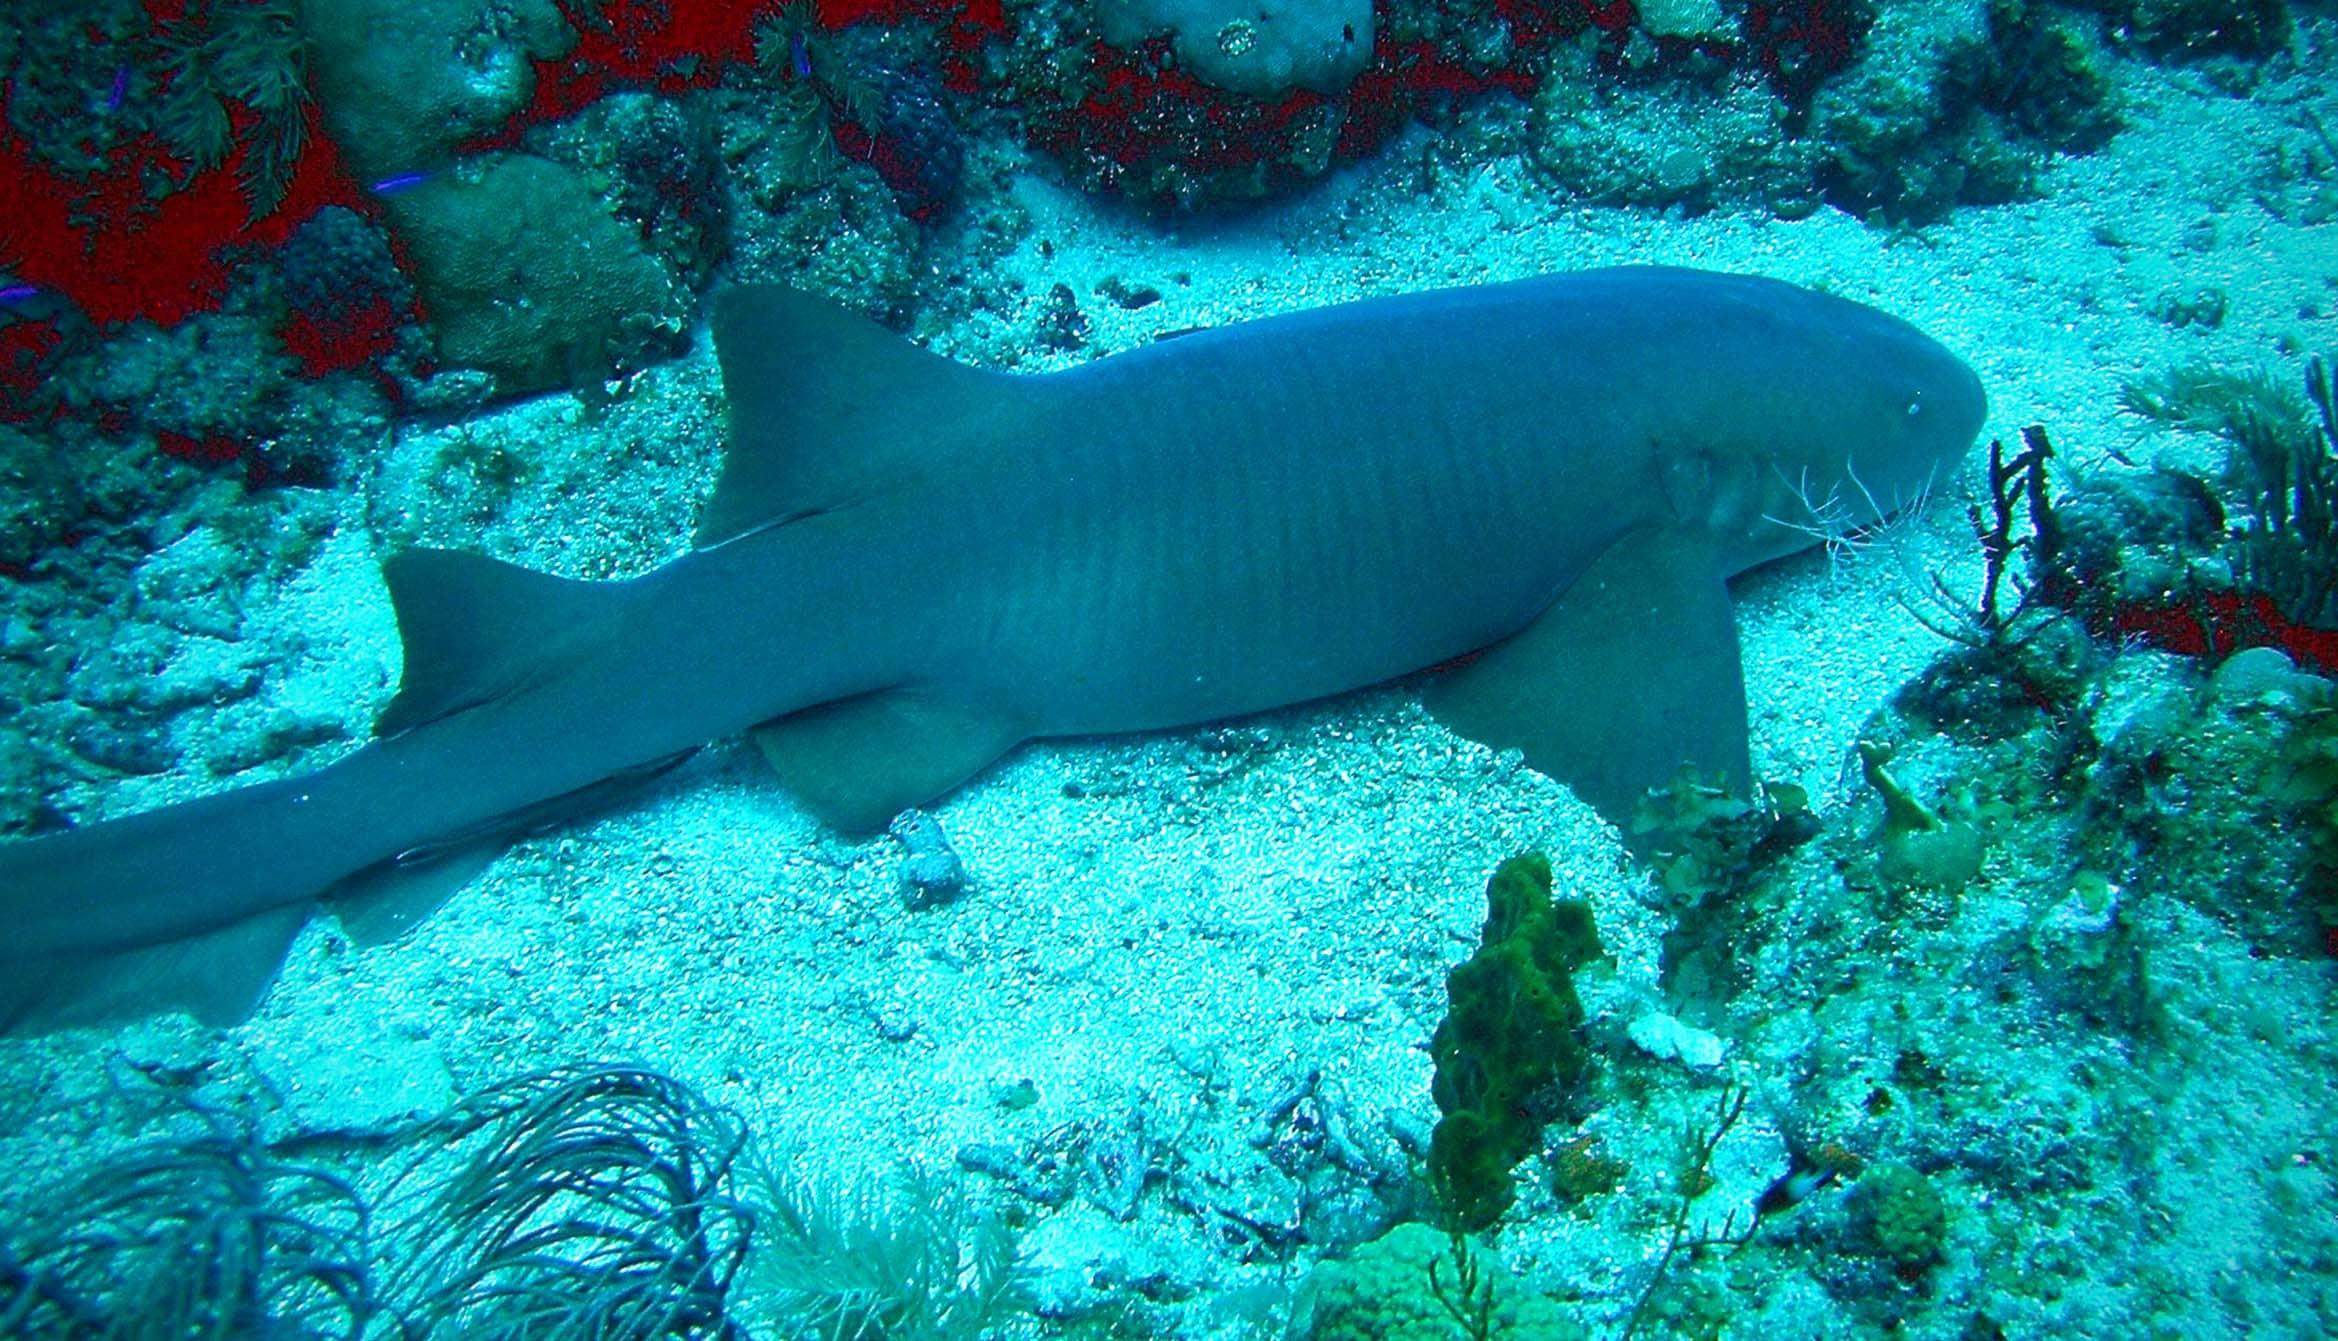 Усатая акула-нянька отдыхает на дне